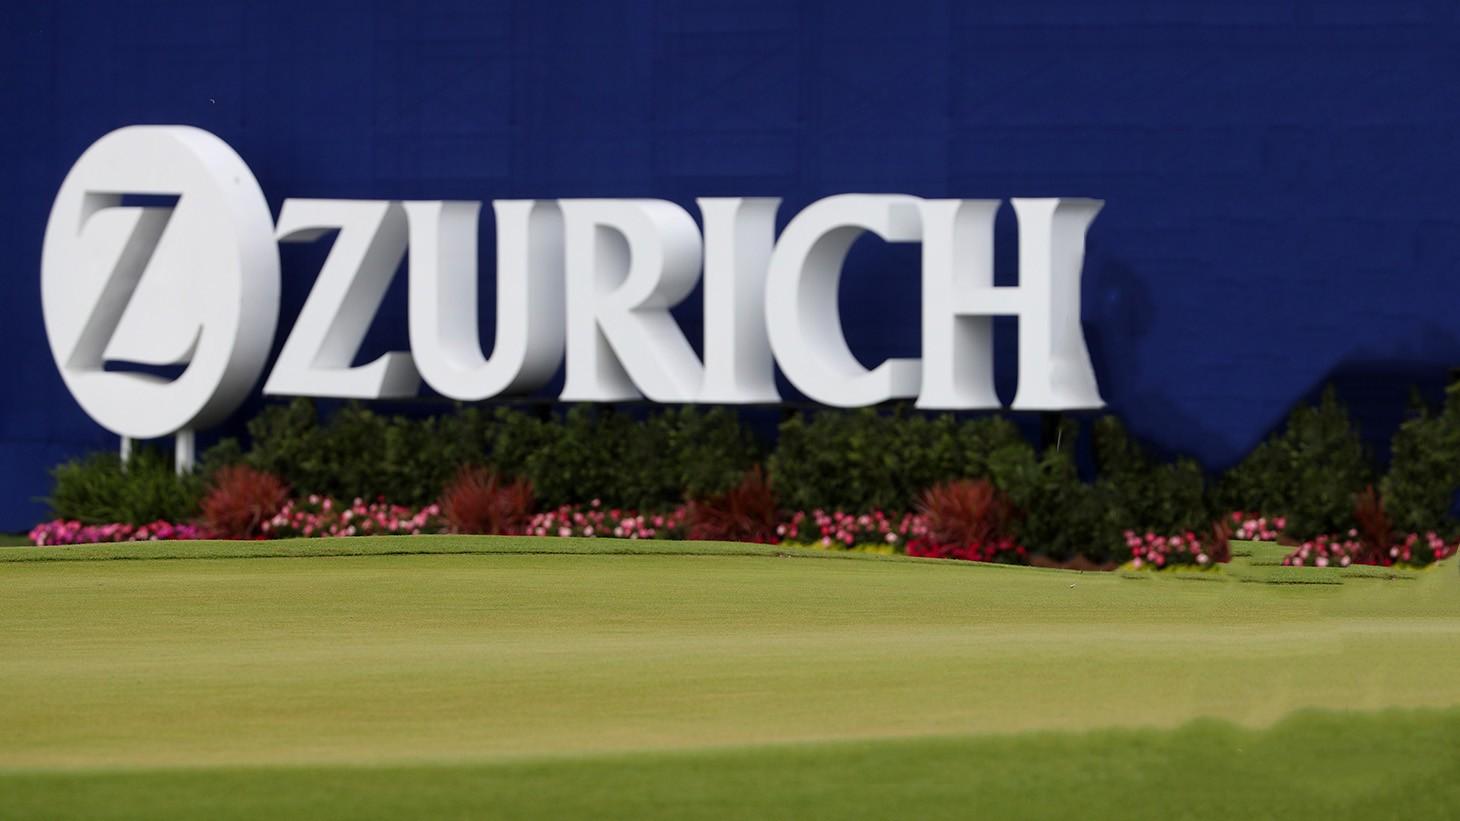 Zurich_Hero2_1460x821